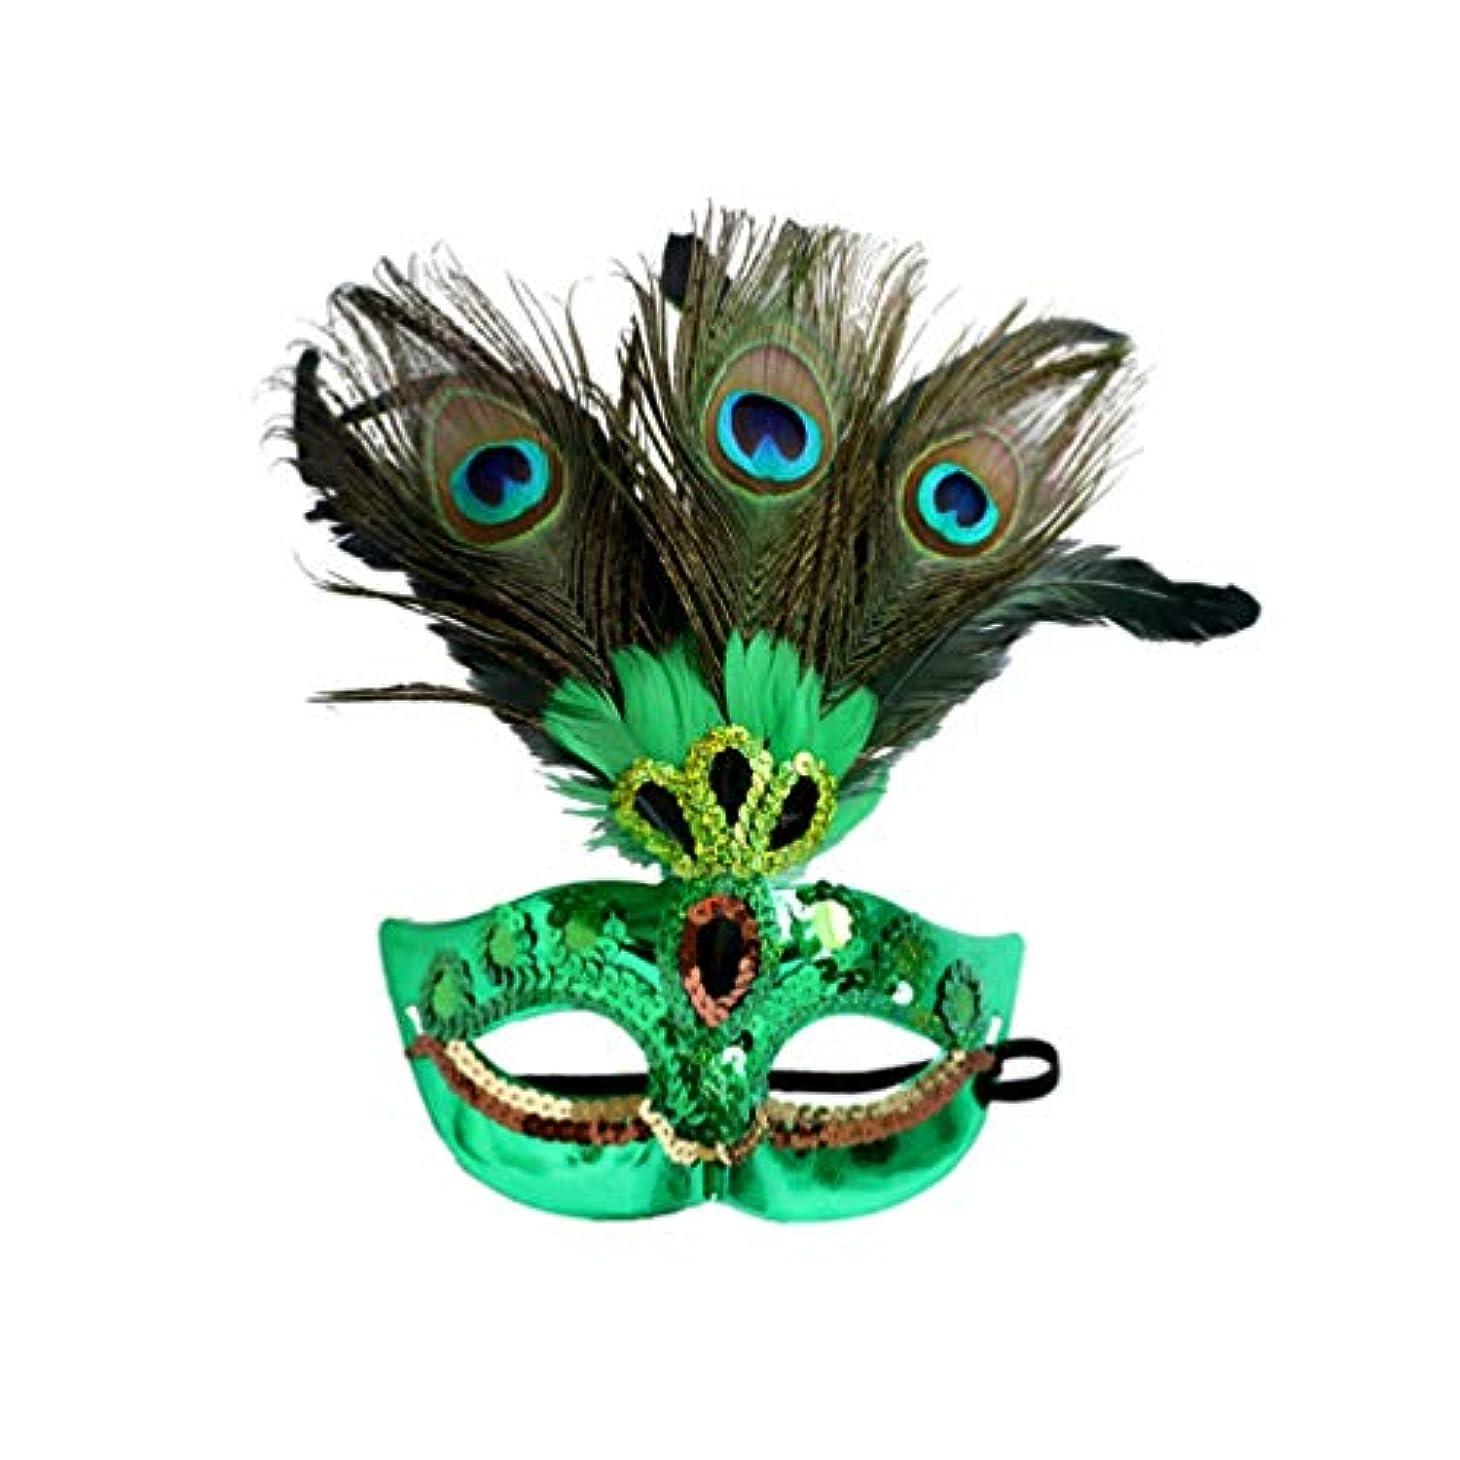 リンク百科事典ホールAmosfun 1ピースクリエイティブ耐久性のあるportativeクリスマスマスク羽プラスチッククジャク用マスカレード大人コスプレクリスマスパーティー